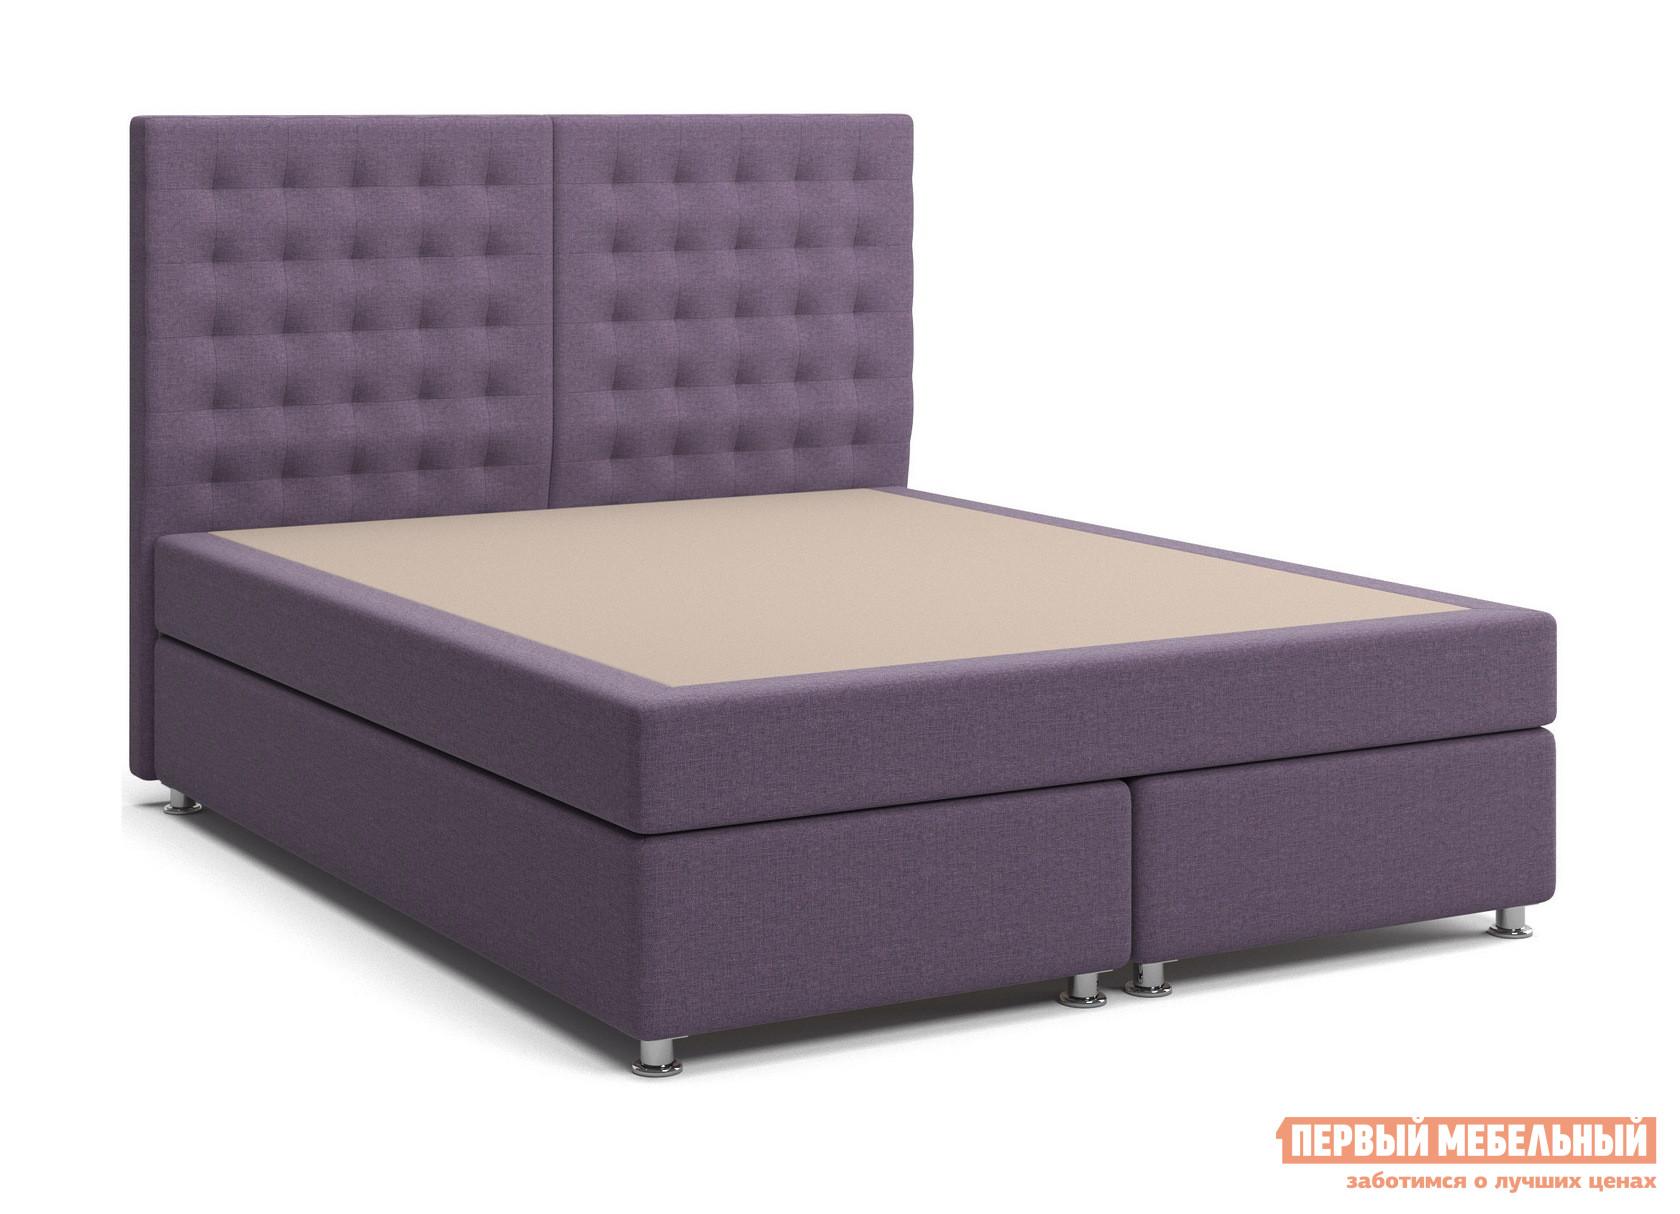 Двуспальная кровать СтолЛайн Парадиз 3 (единый матрас «Боннель») двуспальная кровать с матрасом столлайн парадиз 2 матрасы боннель 2 шт